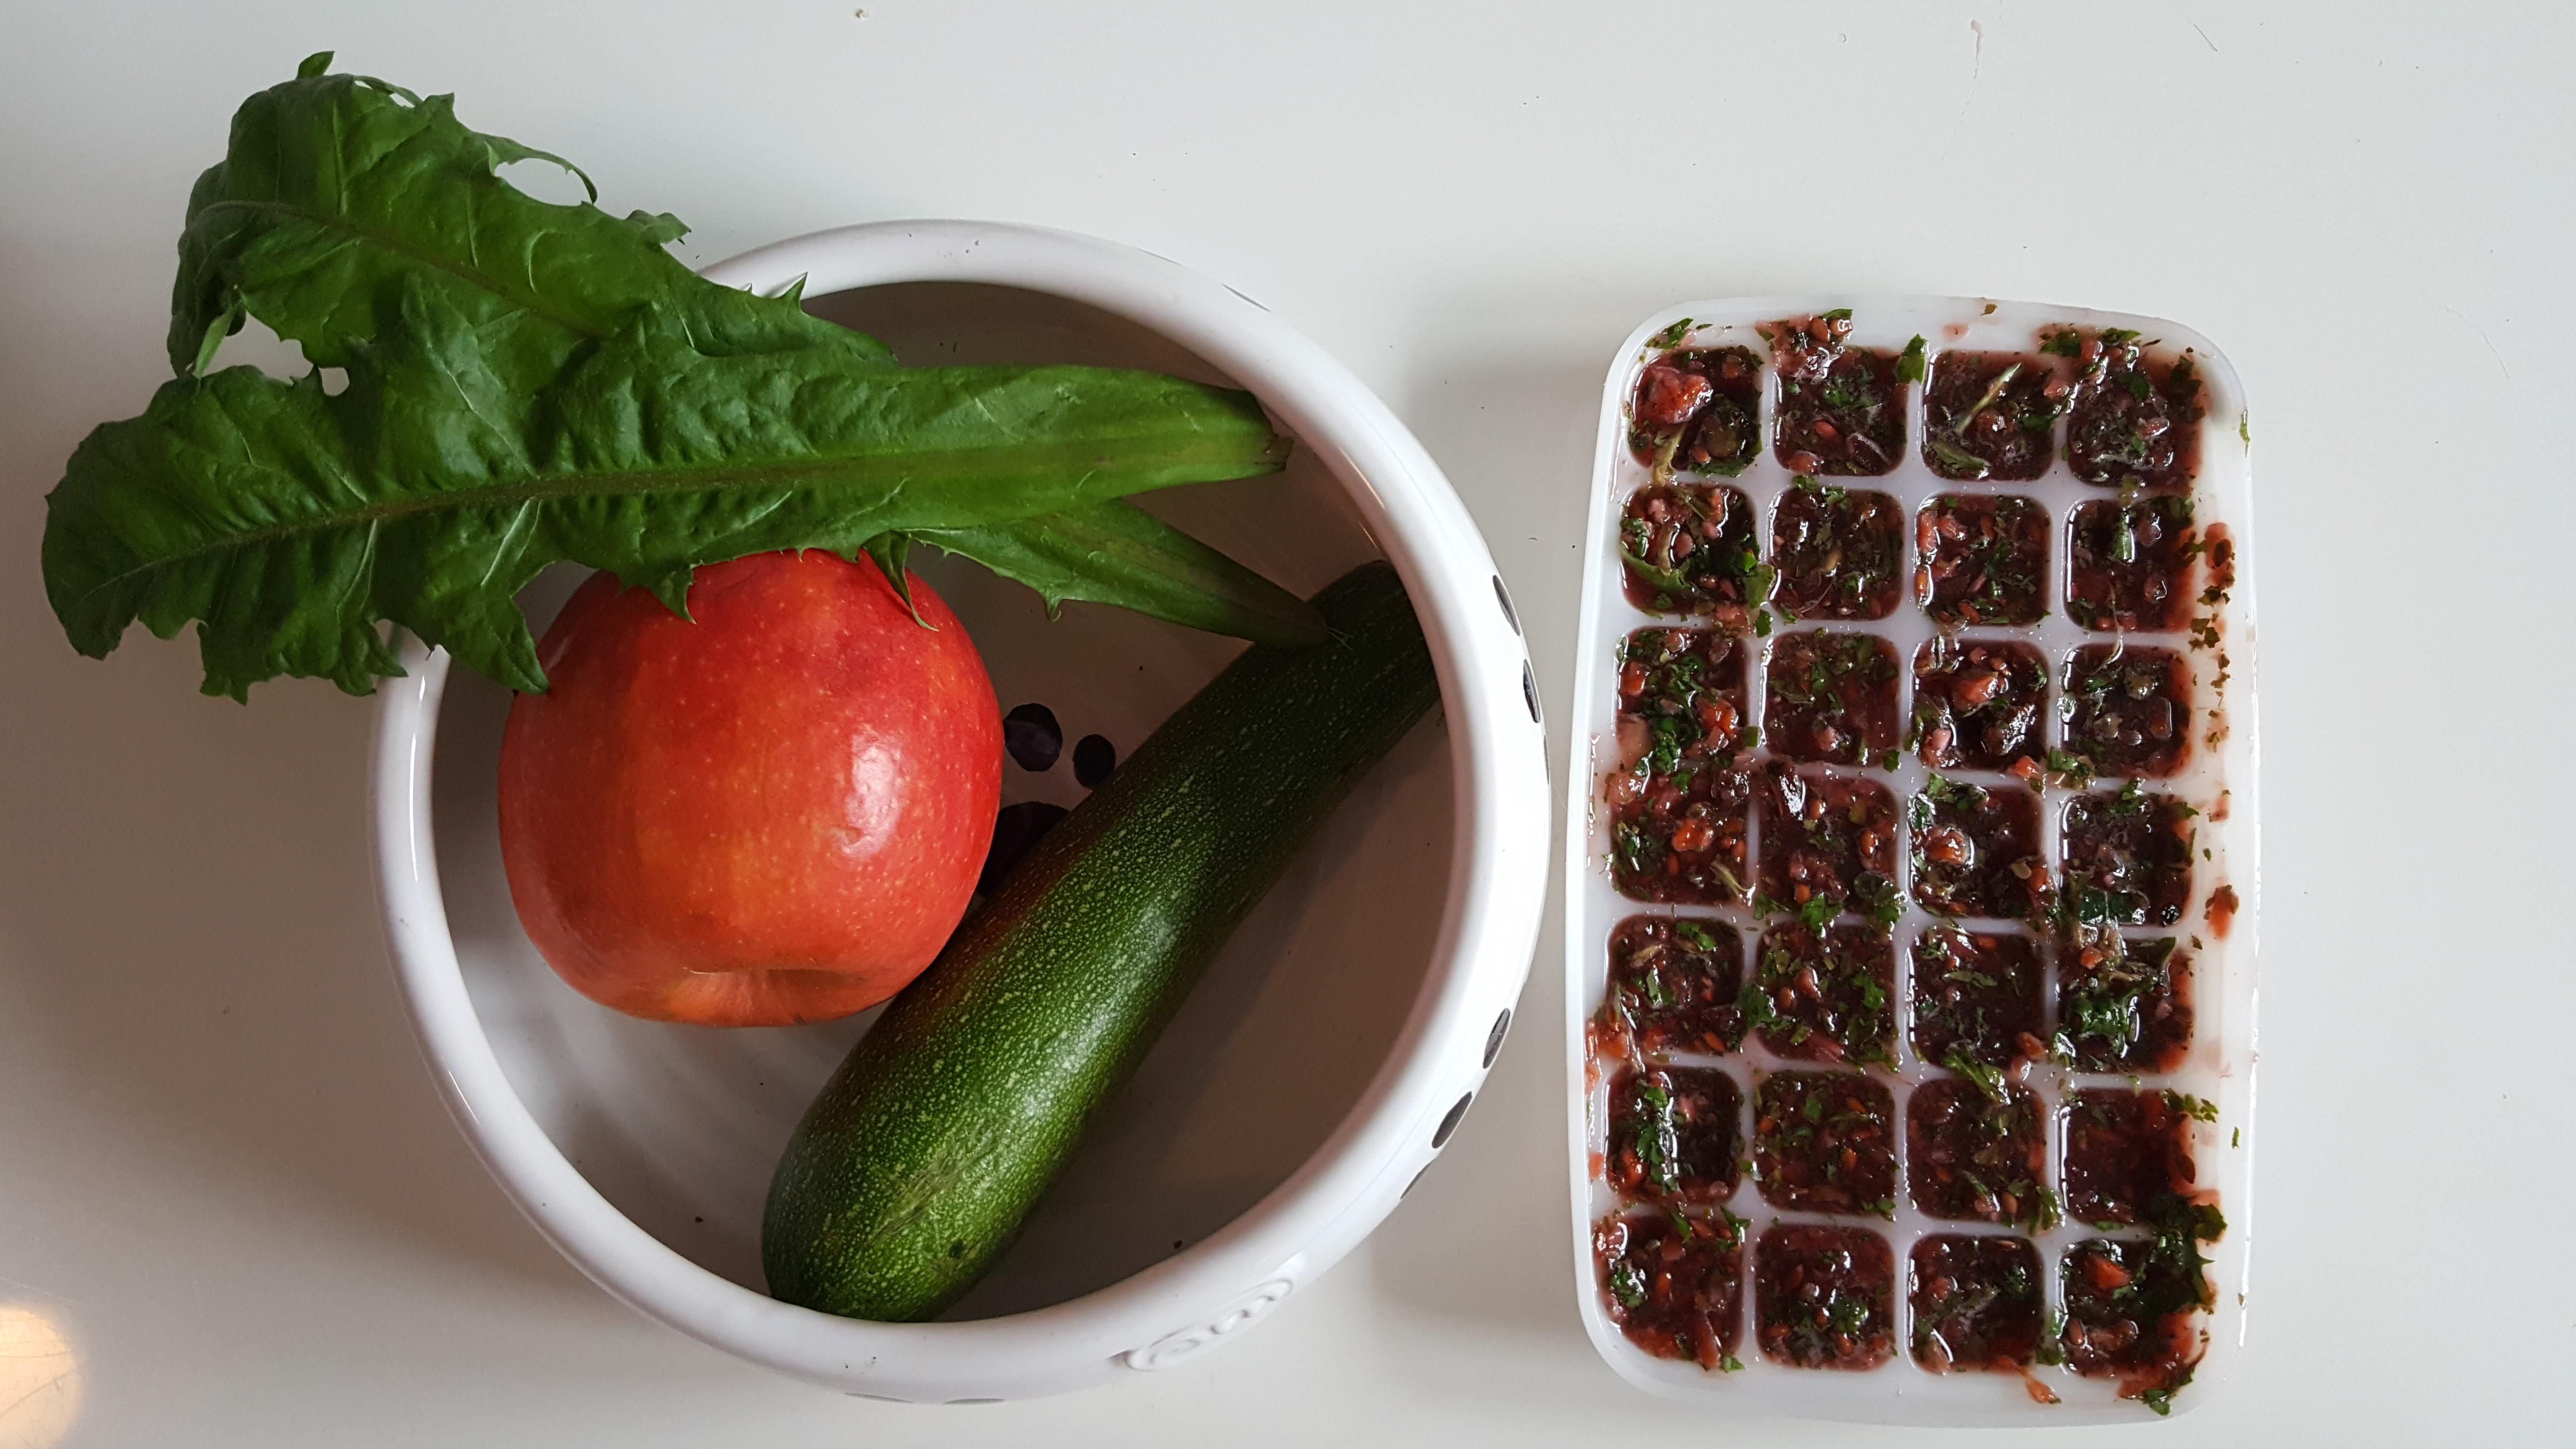 Gemüse & Obst beim BARFEN